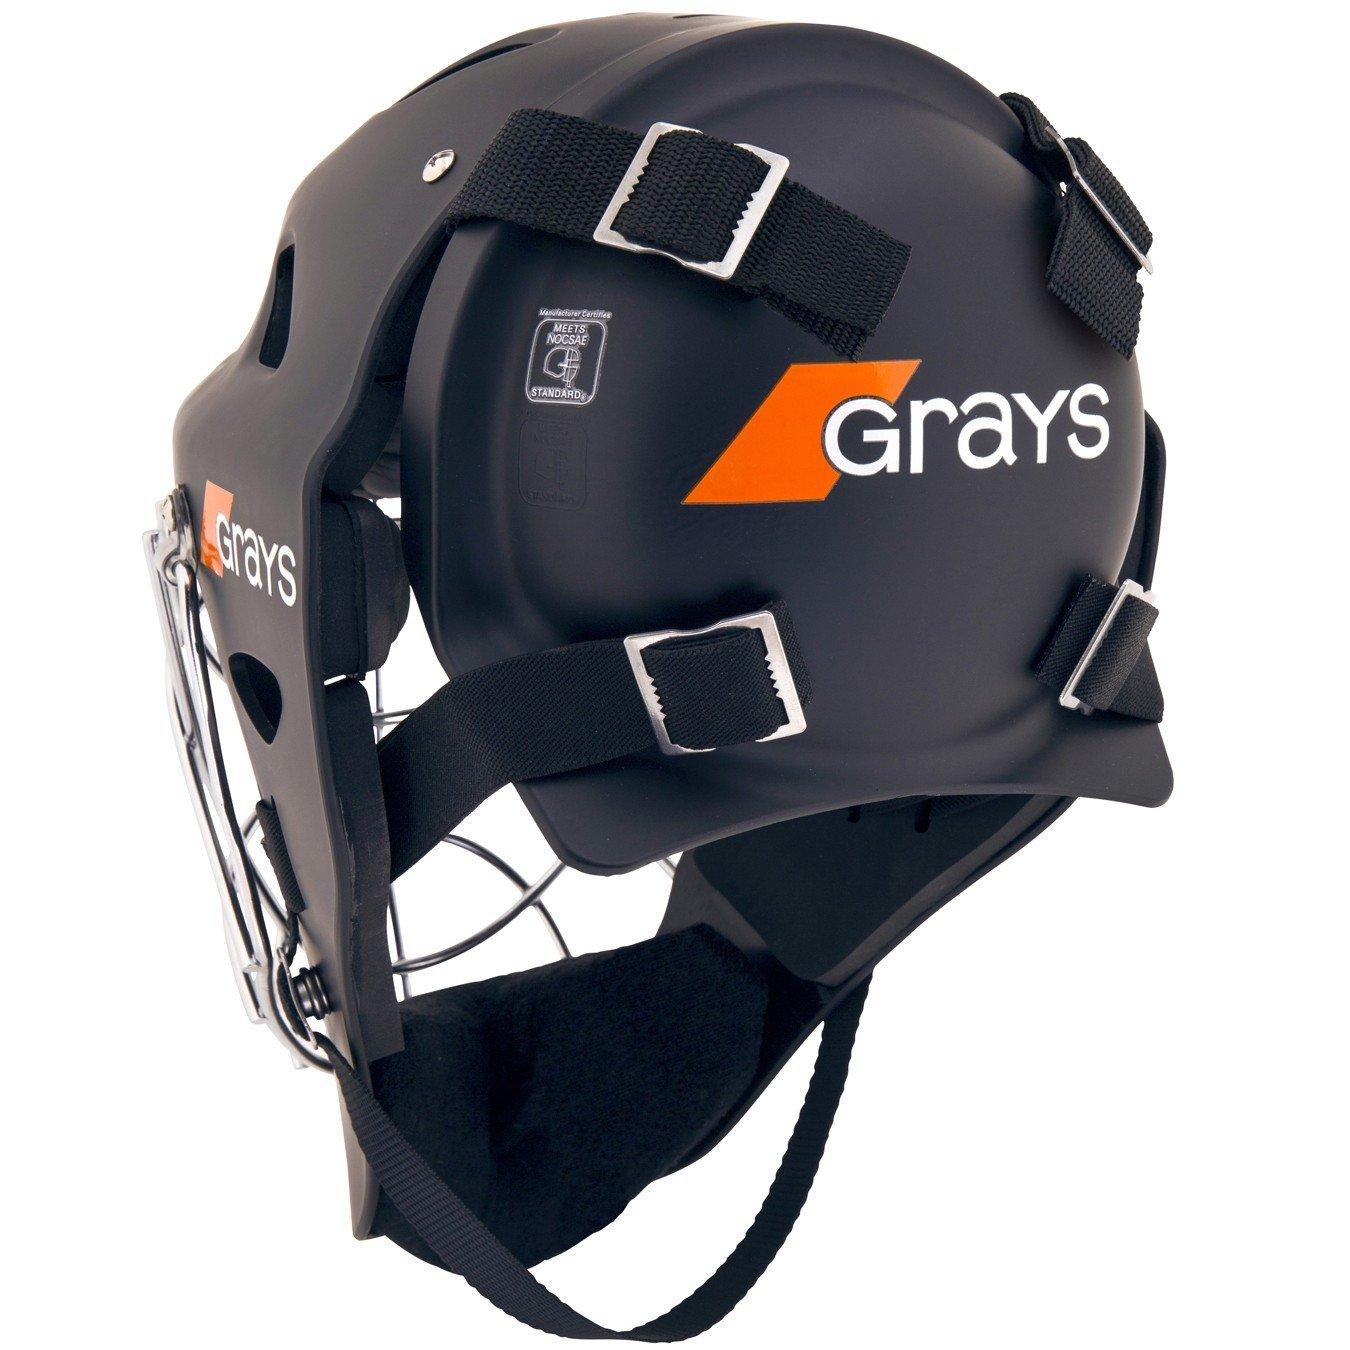 Grays G600 Goalkeeper Hockey Helmet - Black/Chrome